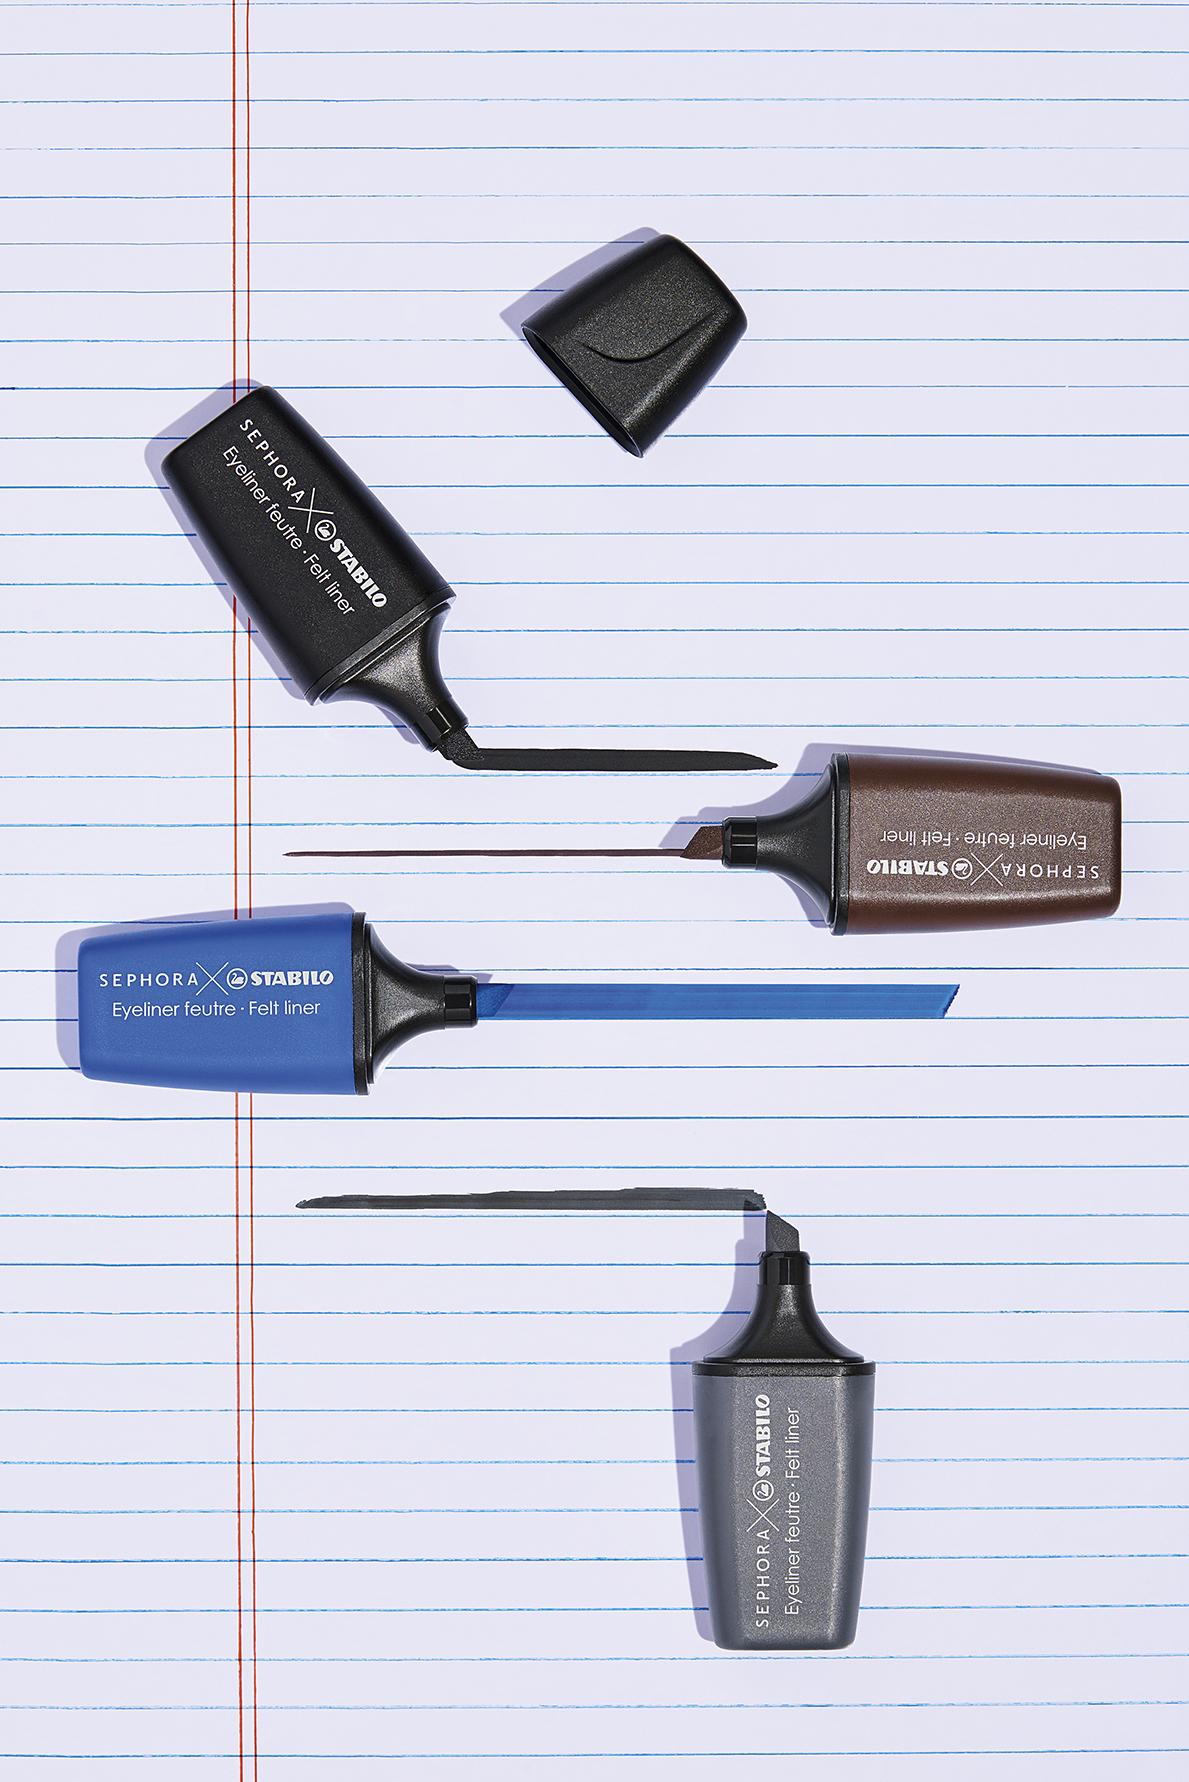 Nuevo objeto de deseo: los rotuladores de Sephora y Stabilo que consiguen el eyeliner perfecto